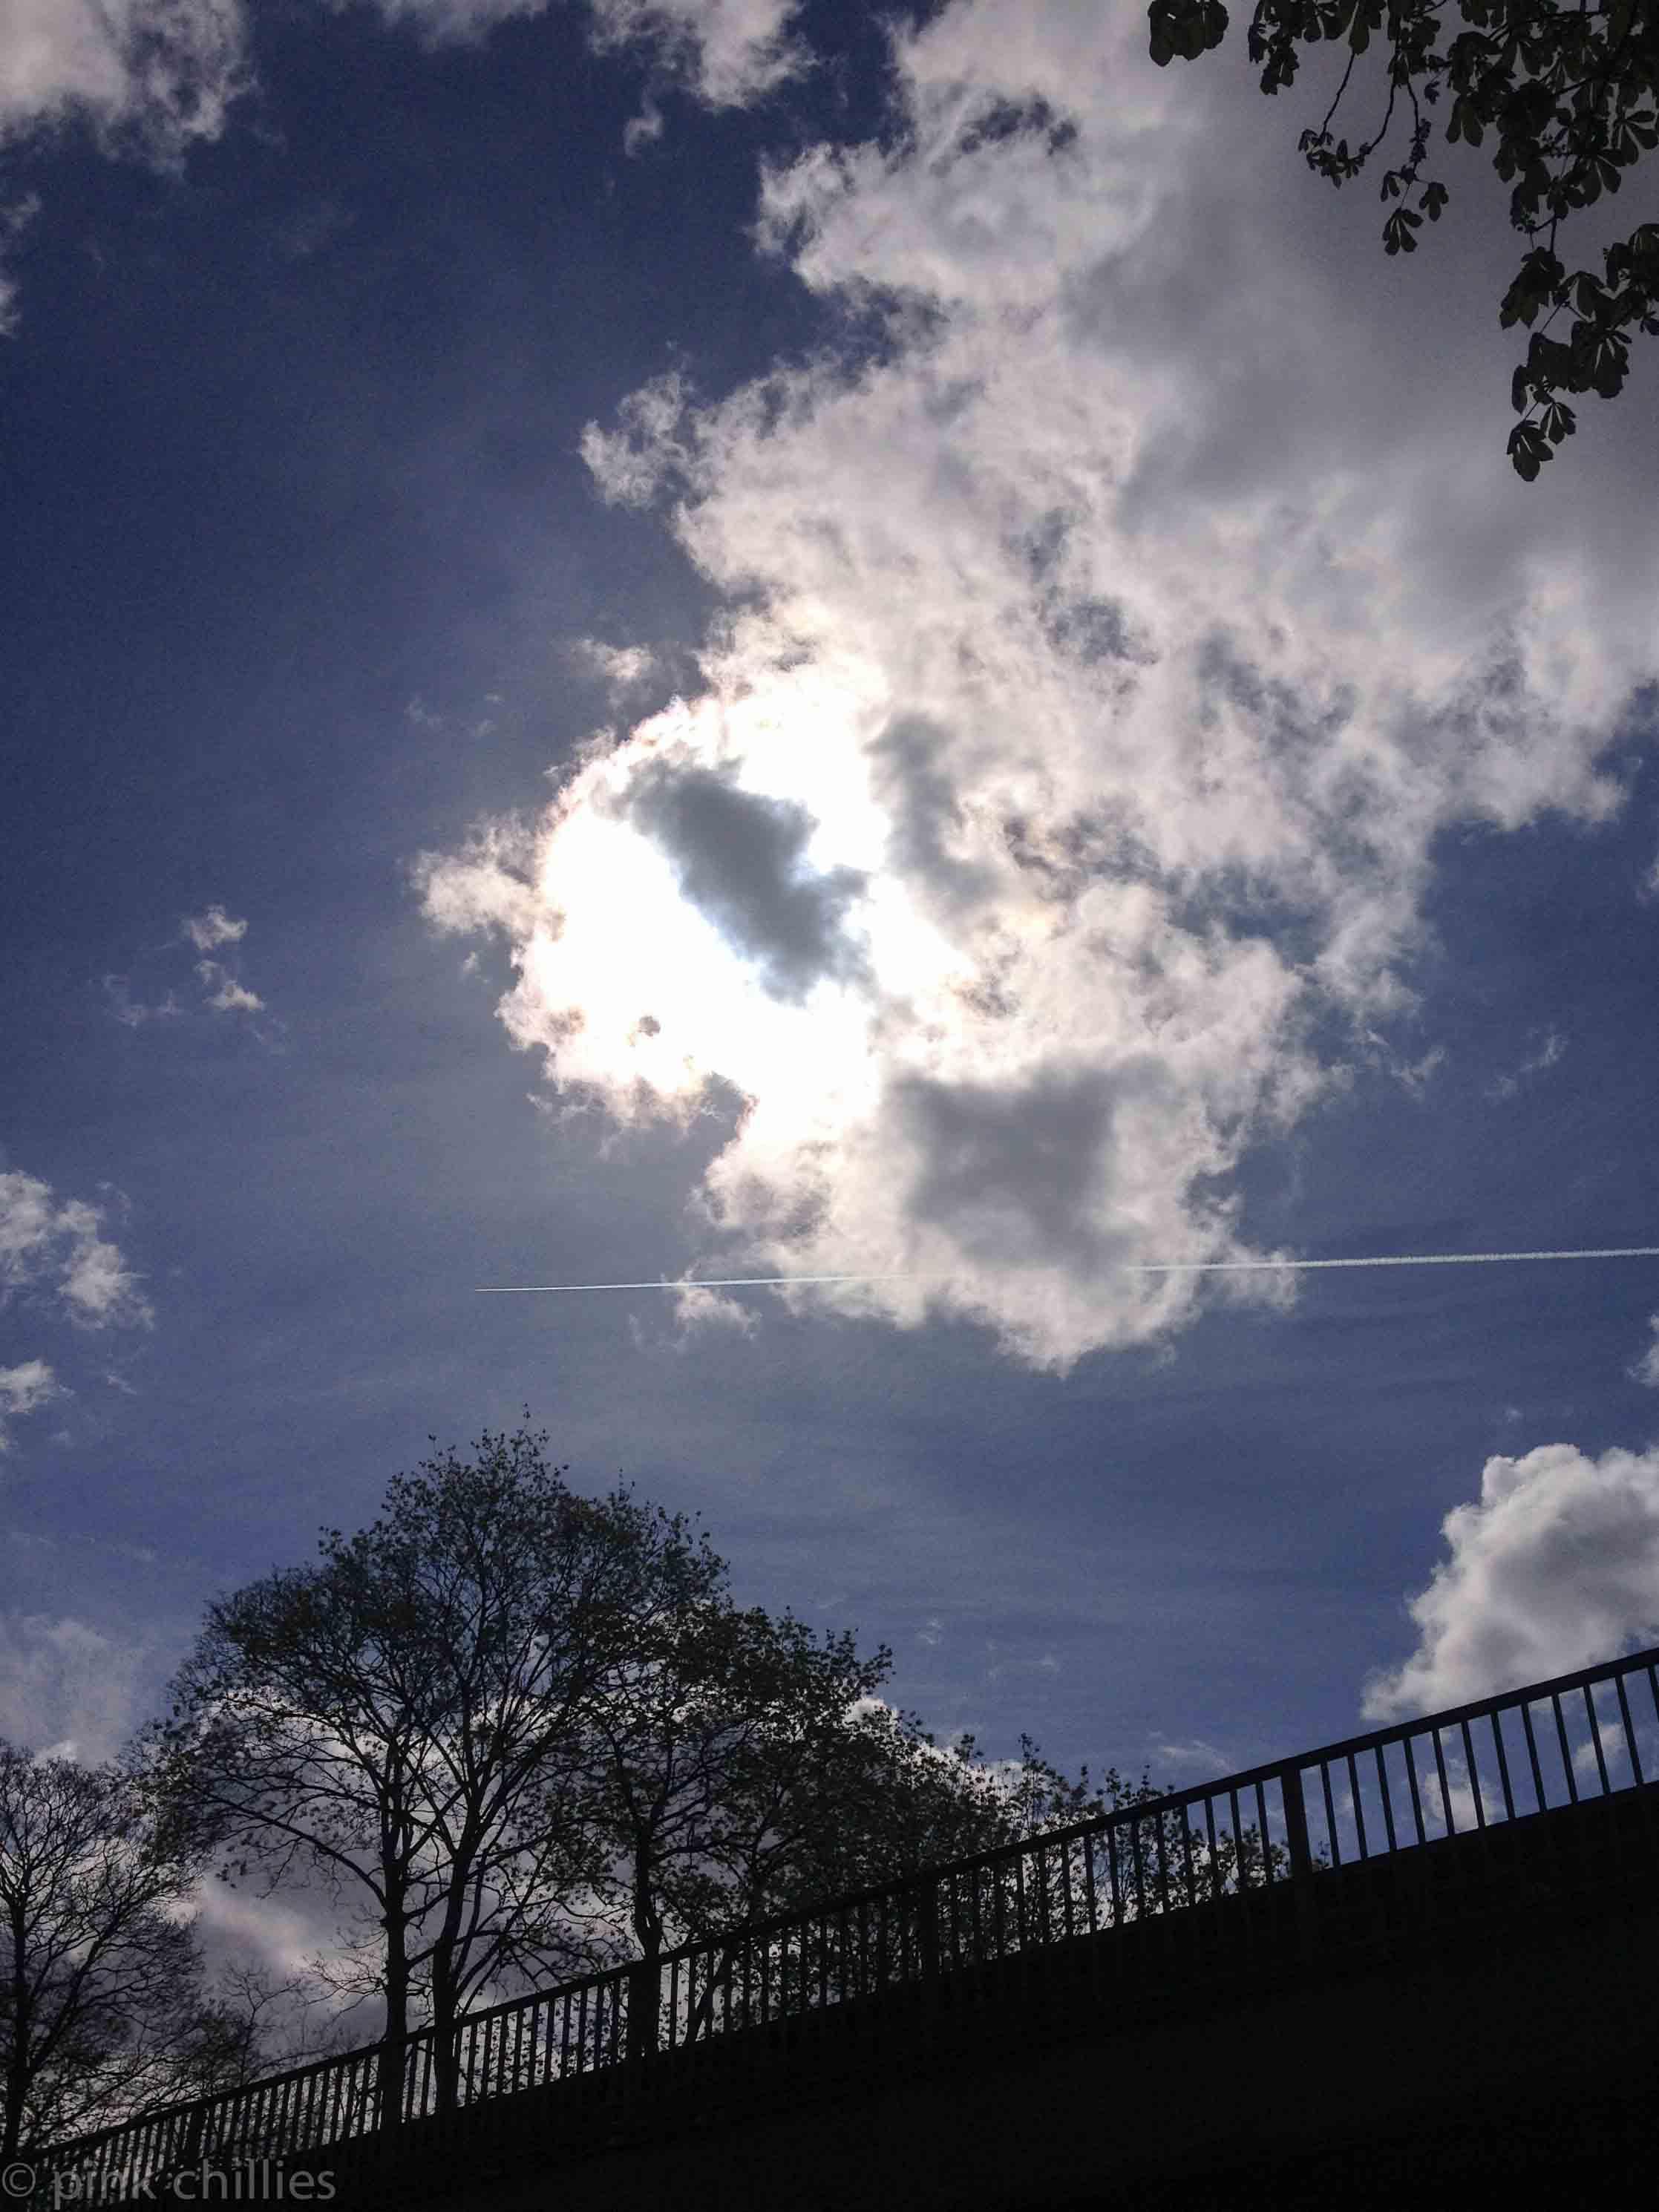 Eisenbahnbrücke Wolken Flugzeug am Himmel